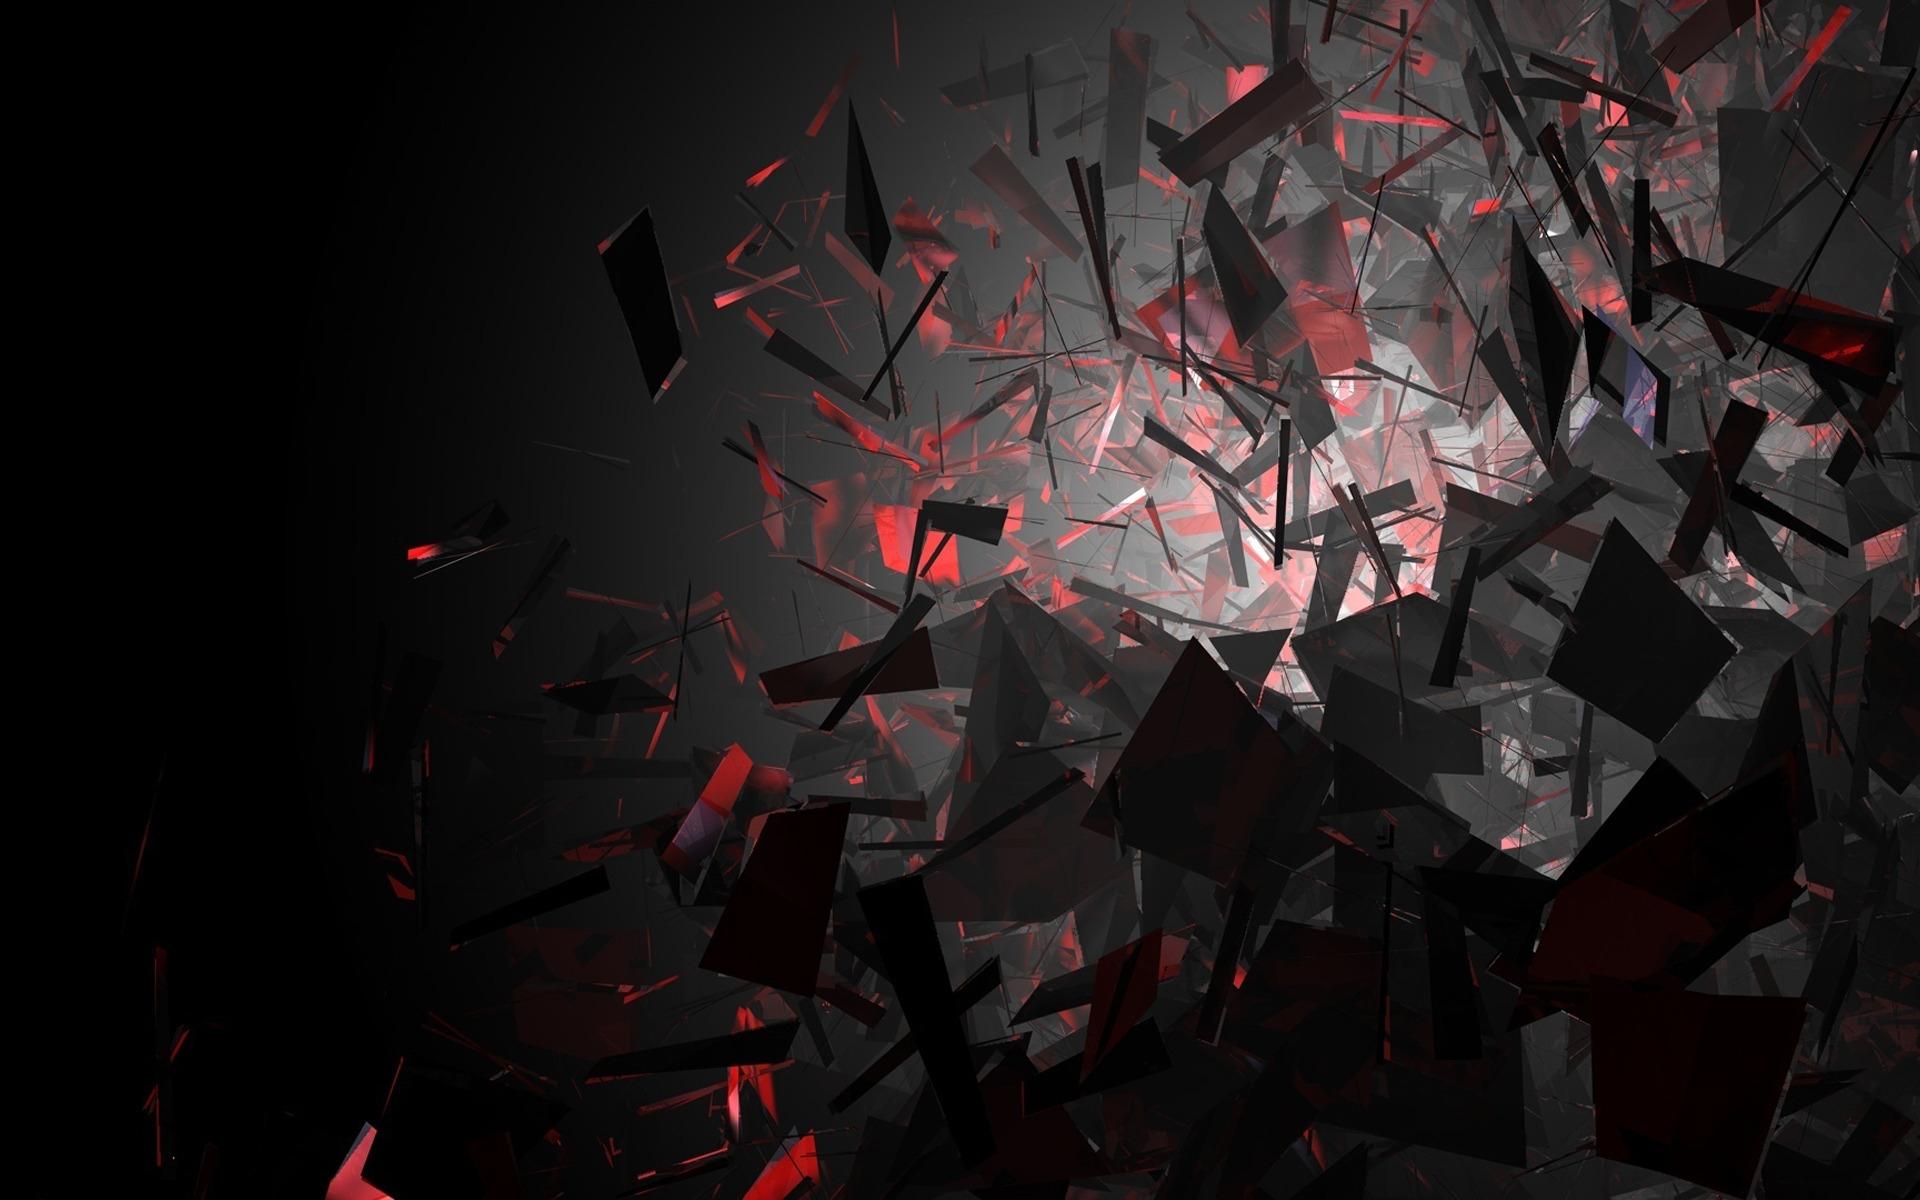 Black And Red 4K Wallpaper WallpaperSafari